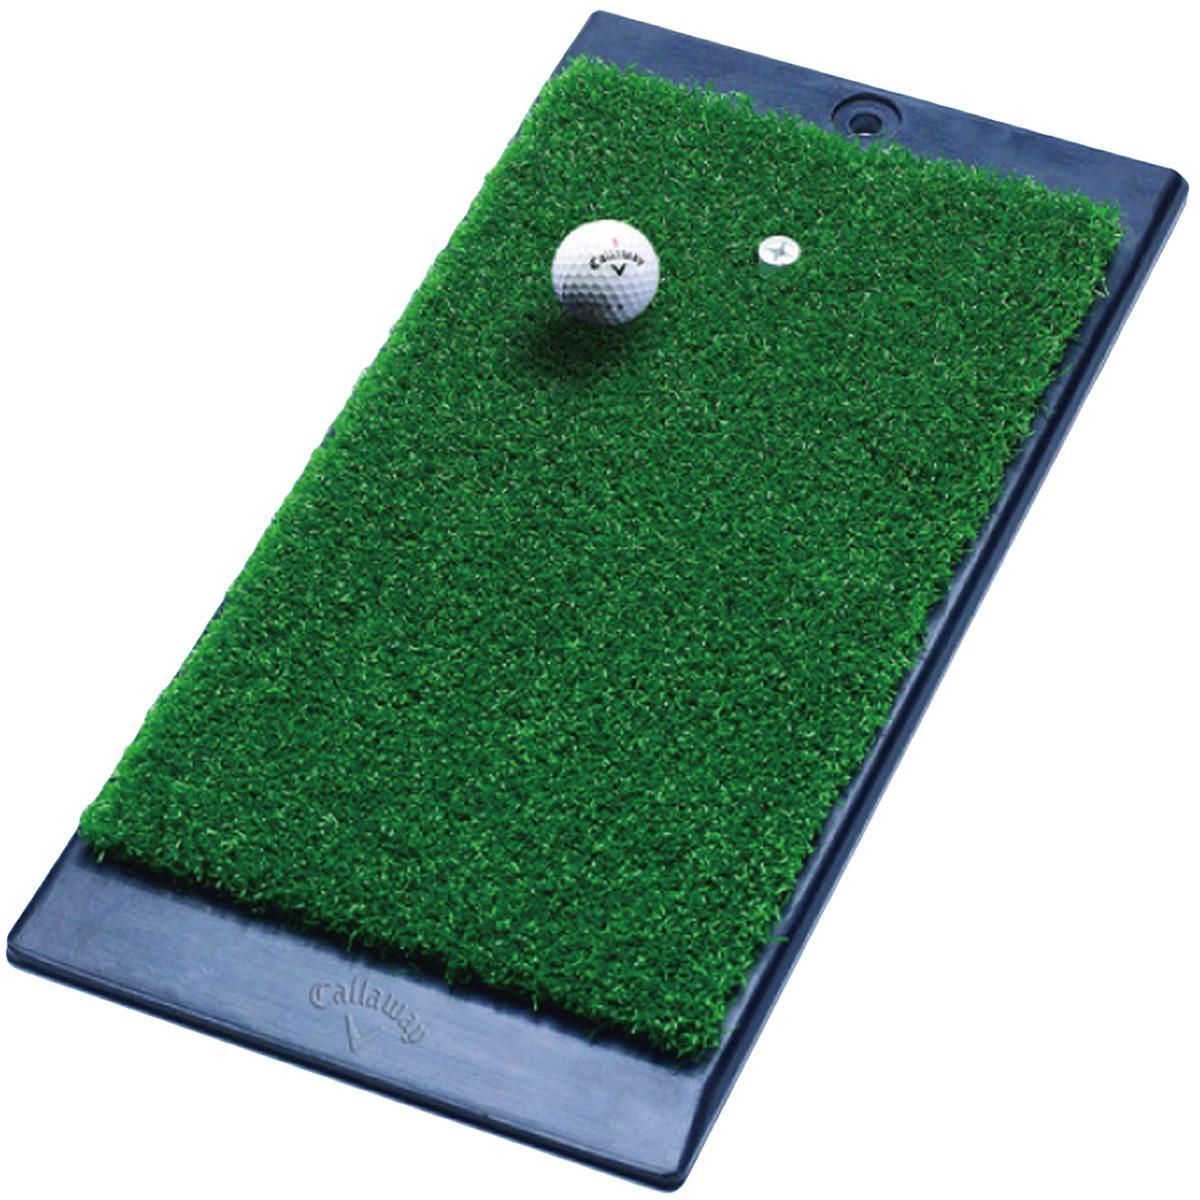 福袋 キャロウェイゴルフ Callaway Golf FT オススメ LARGE LAUNCH ZONE LARGE マット 人気 070021500097[ゴルフ用品 ゴルフ 練習 ゴルフ練習器具 おすすめ オススメ 人気 gdo], バリ雑貨アジアンインテリアストア:0da00131 --- canoncity.azurewebsites.net